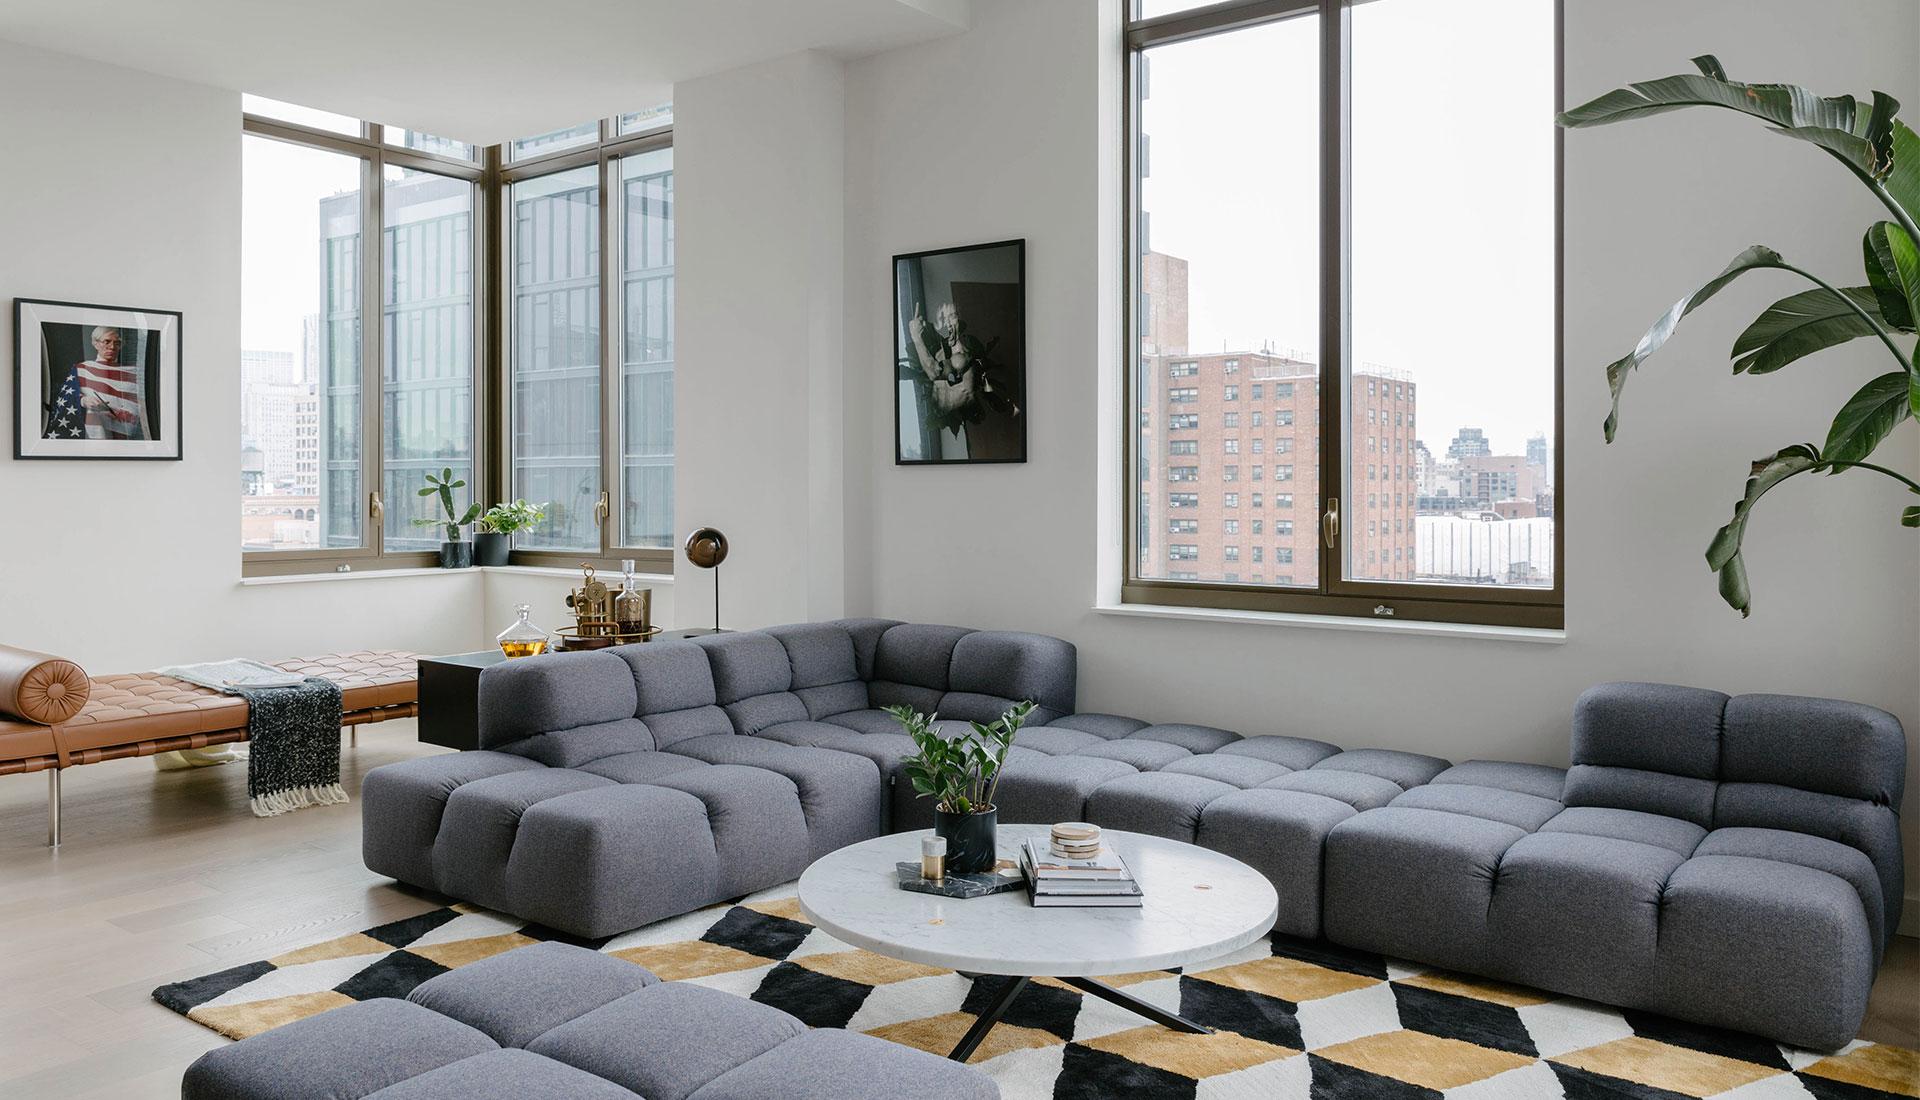 Ana Claudia Design: квартира в Нью-Йорке для семьи из Швеции